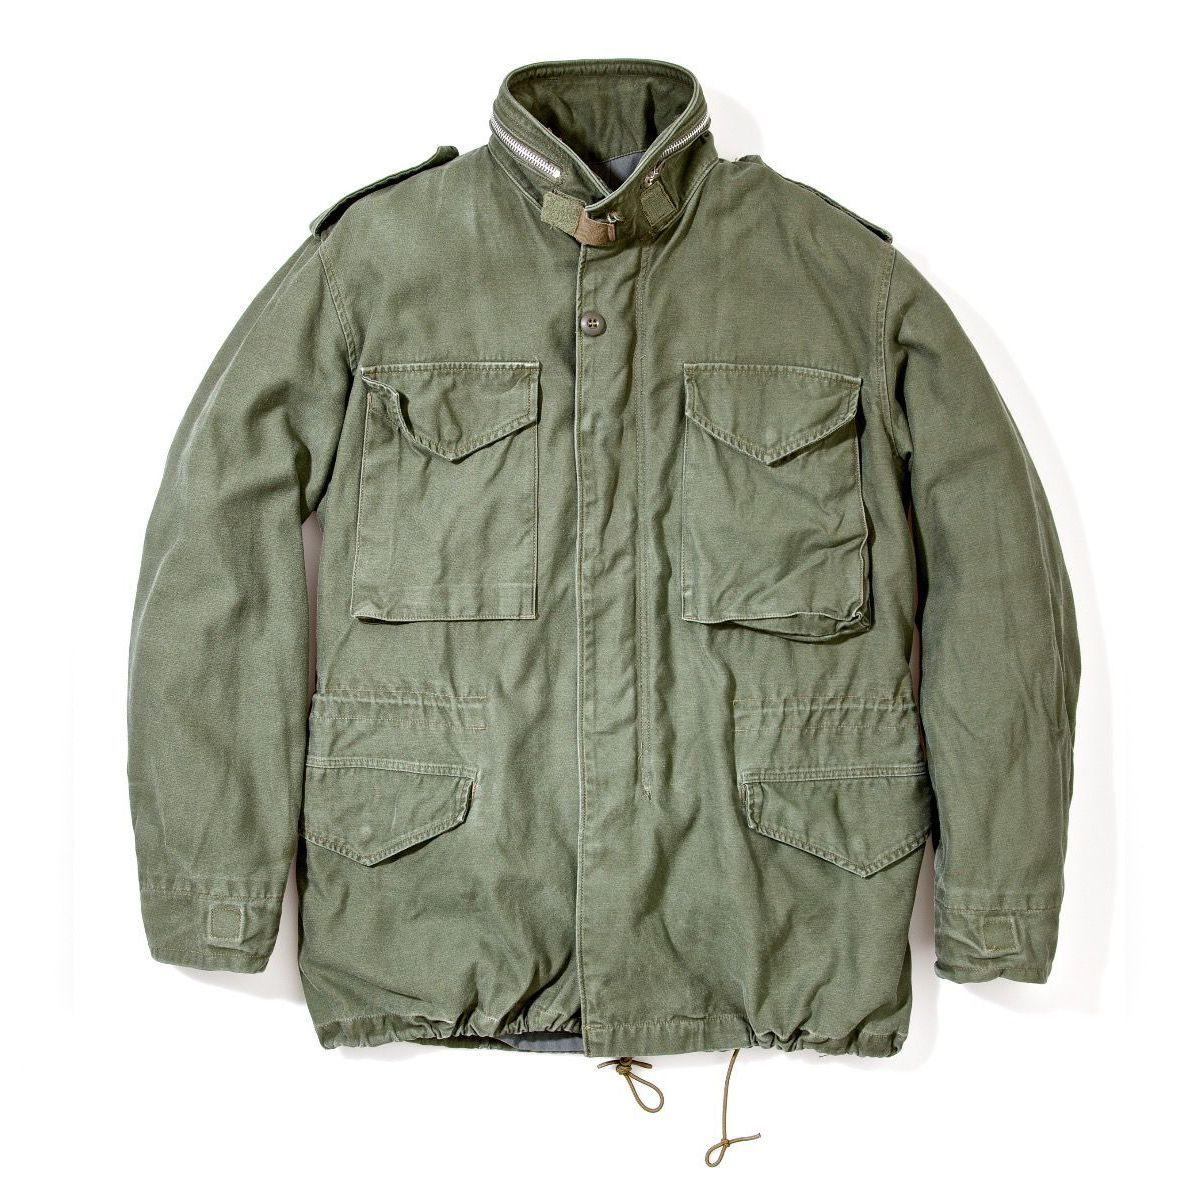 54b11b67f M-65 Field Jacket